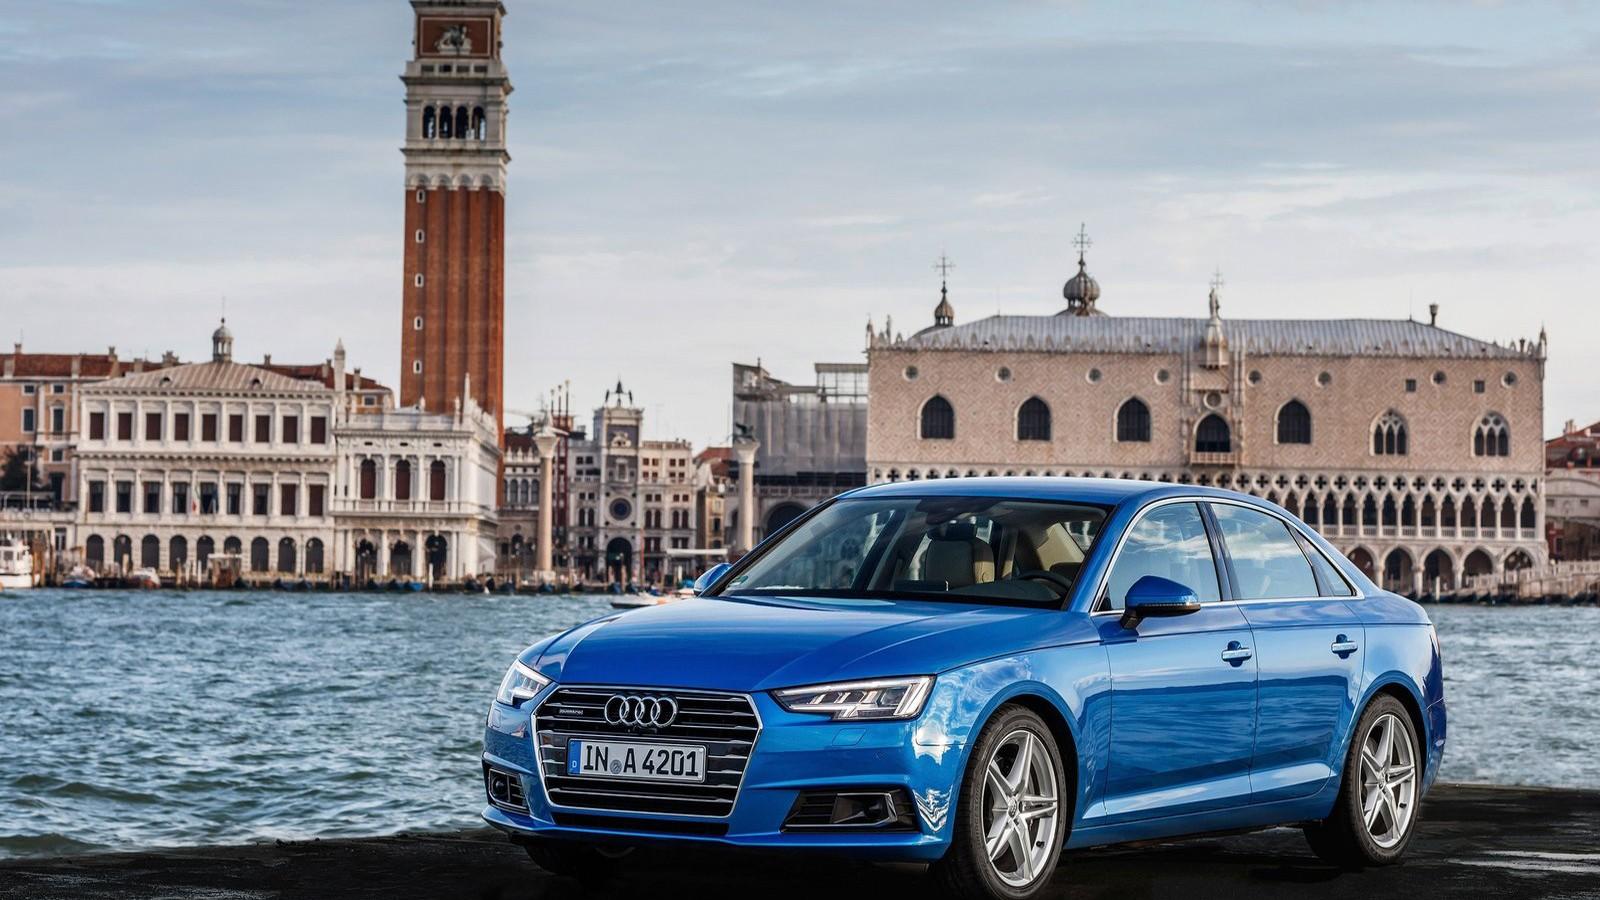 Передняя сторона Audi A4